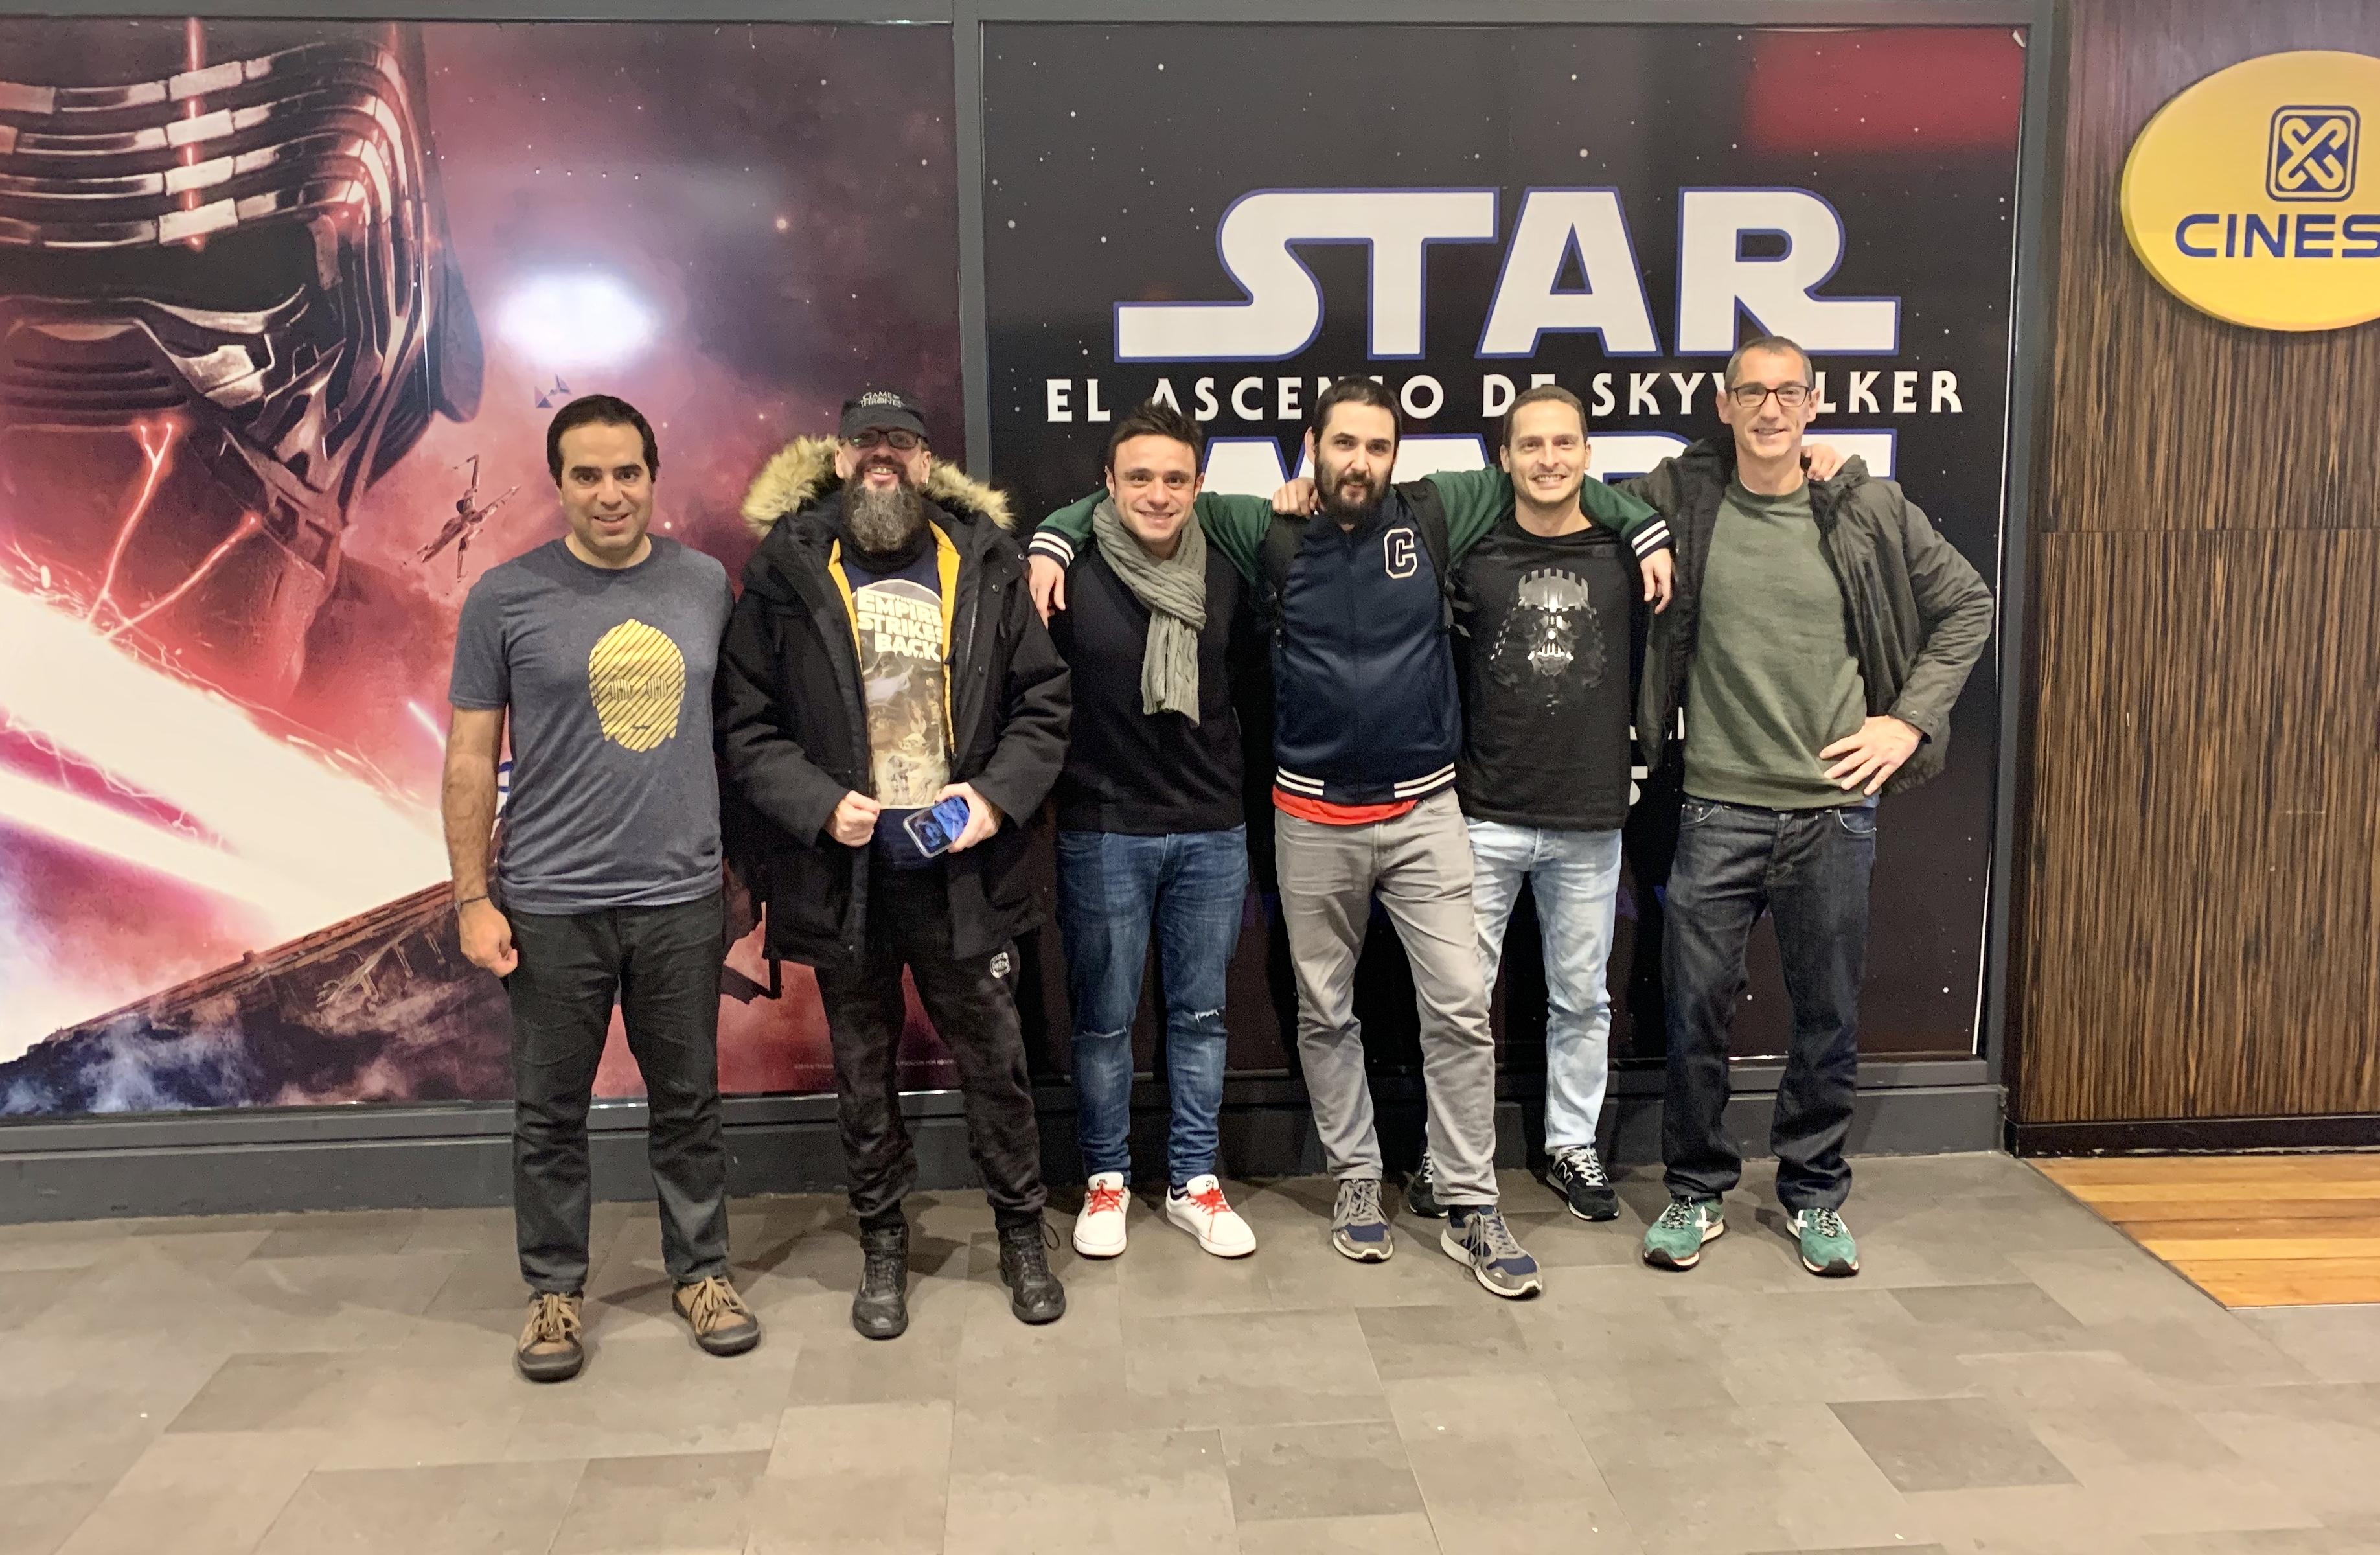 Viendo Star Wars